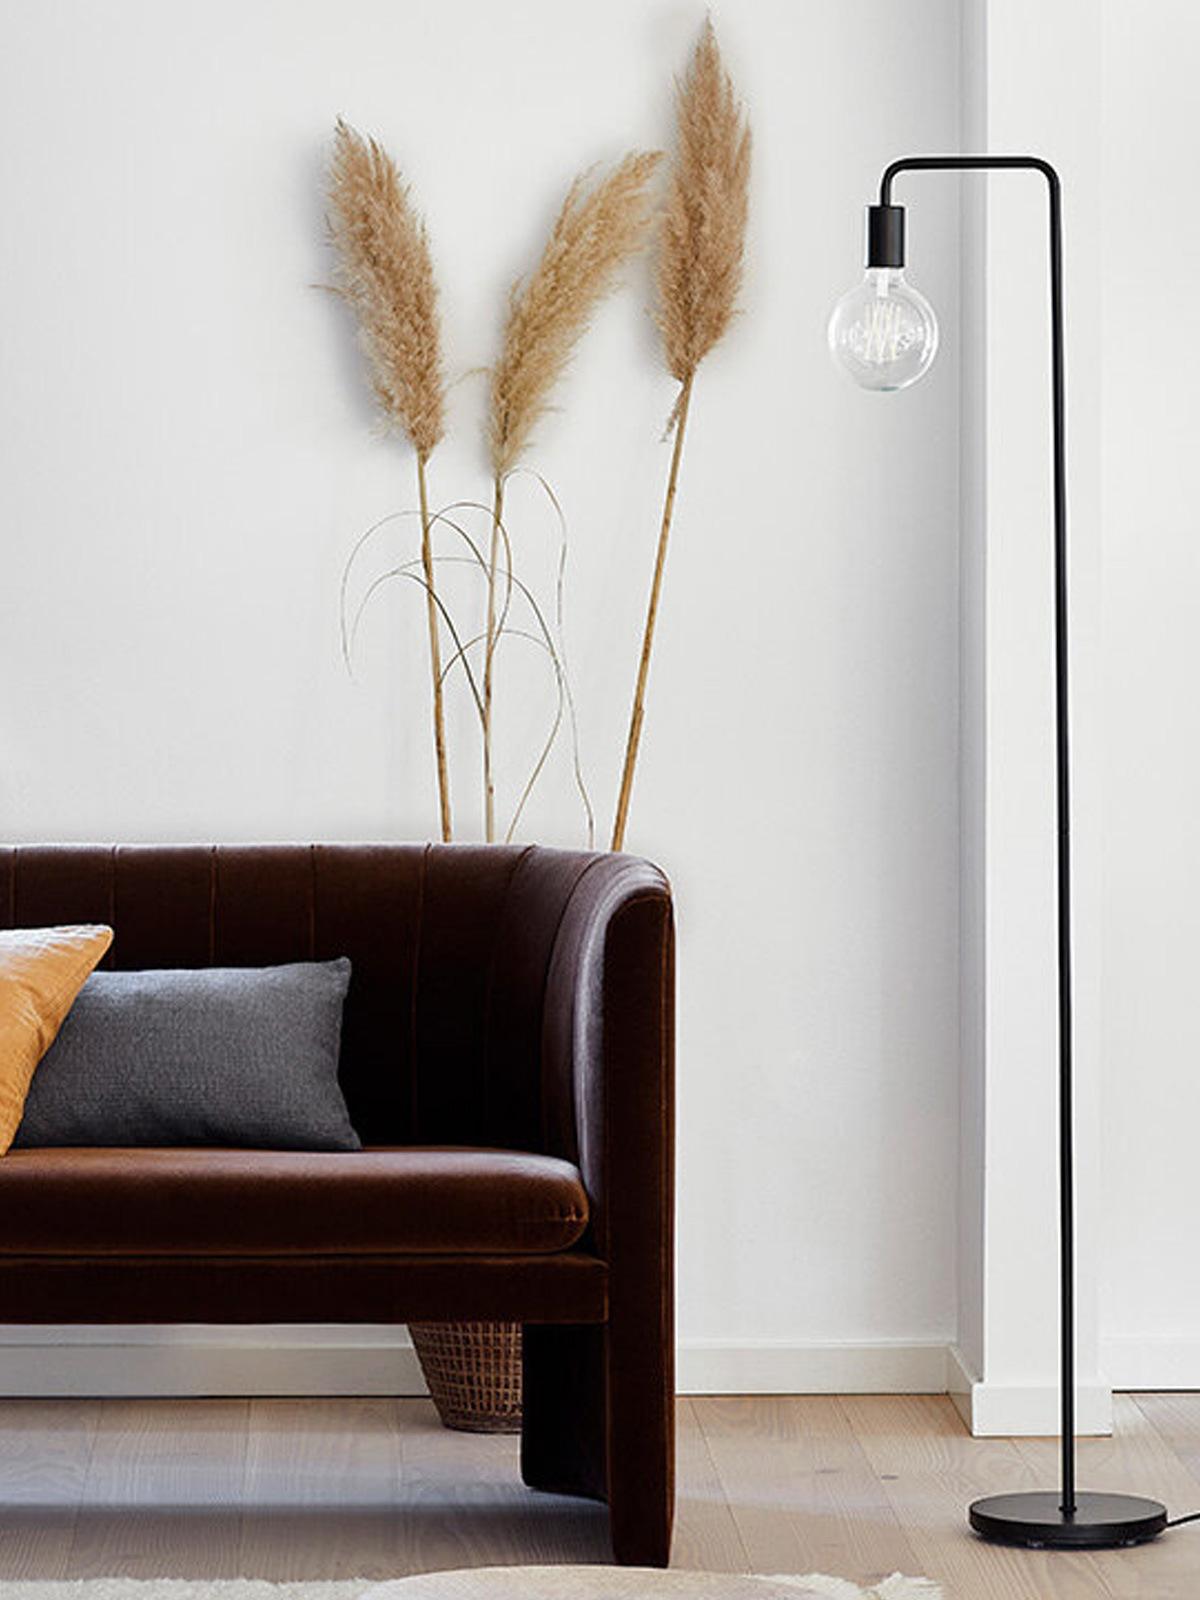 DesginOrt Lampenblog: Cool Floor Stehlampe von Frandsen